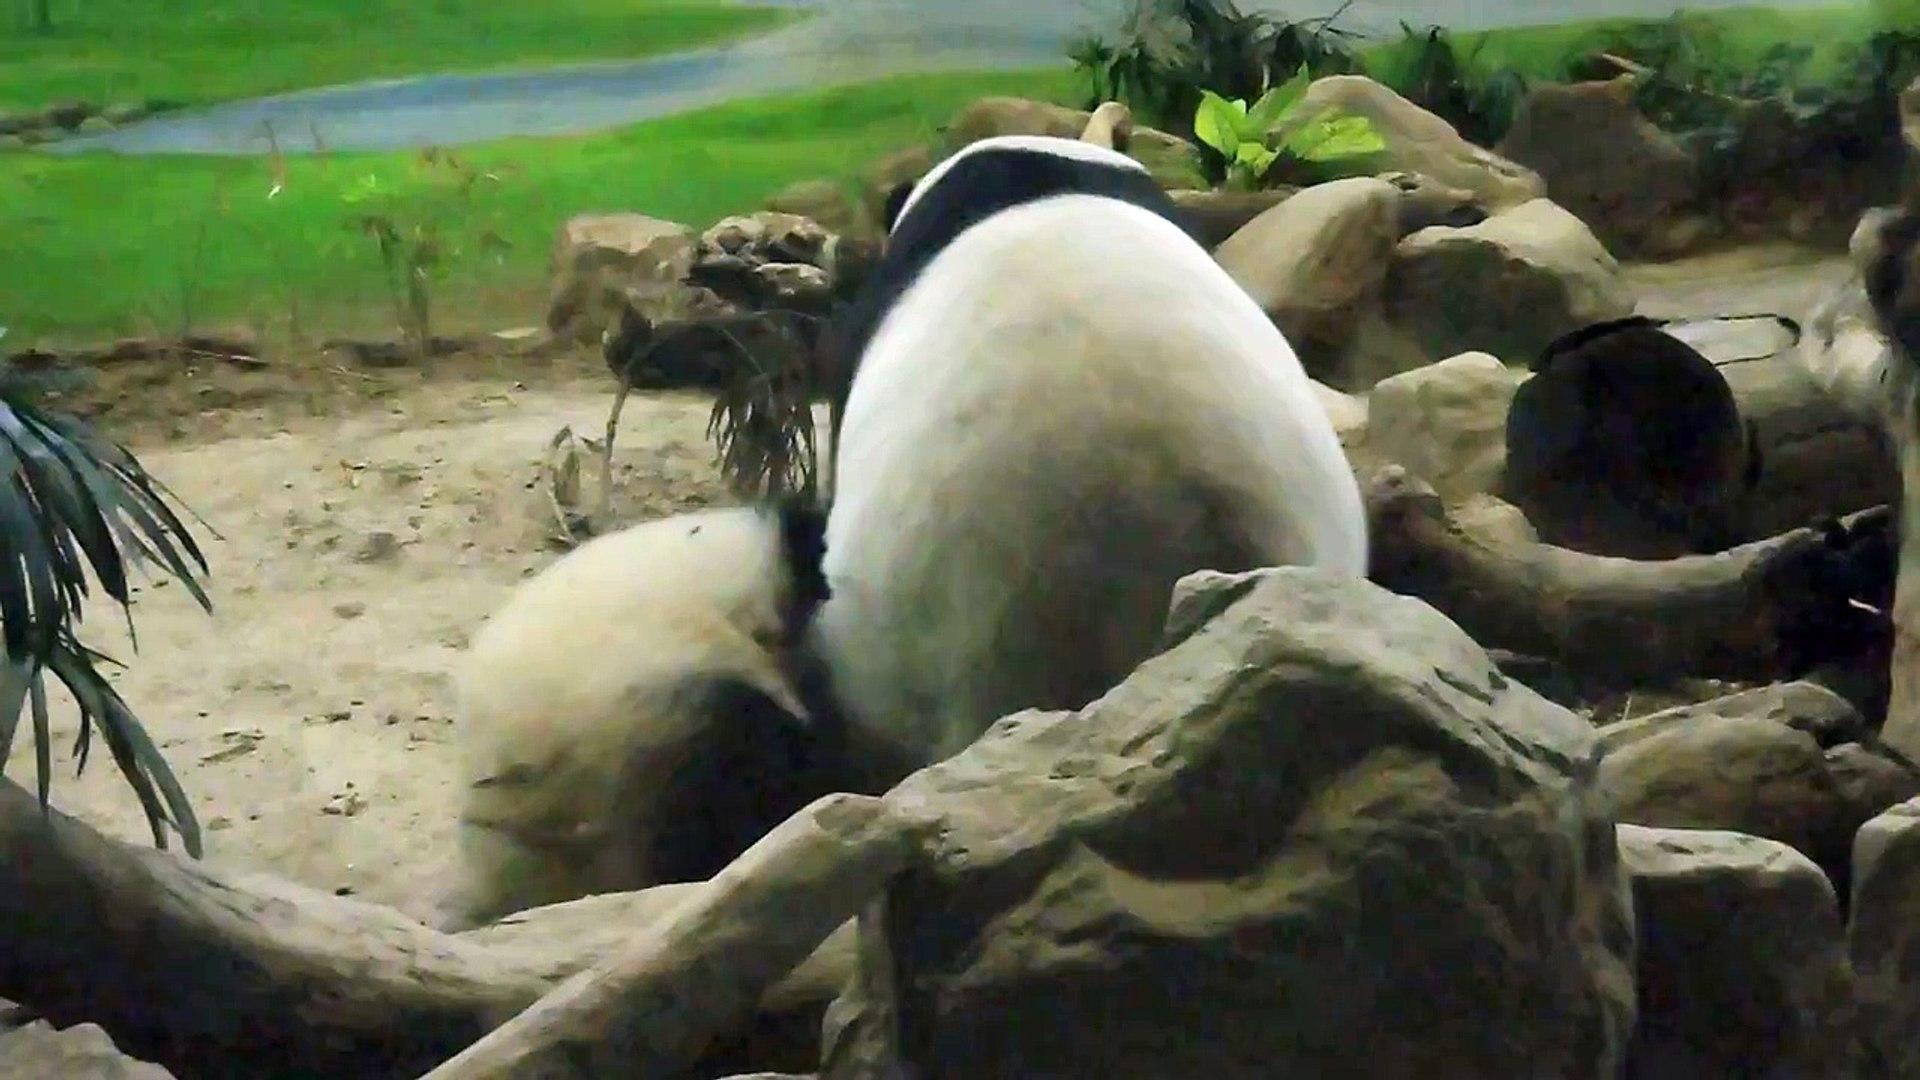 2014/09/08中秋節下午B場圓仔玩木頭記之三,還中了中秋節威力圓大獎呢~